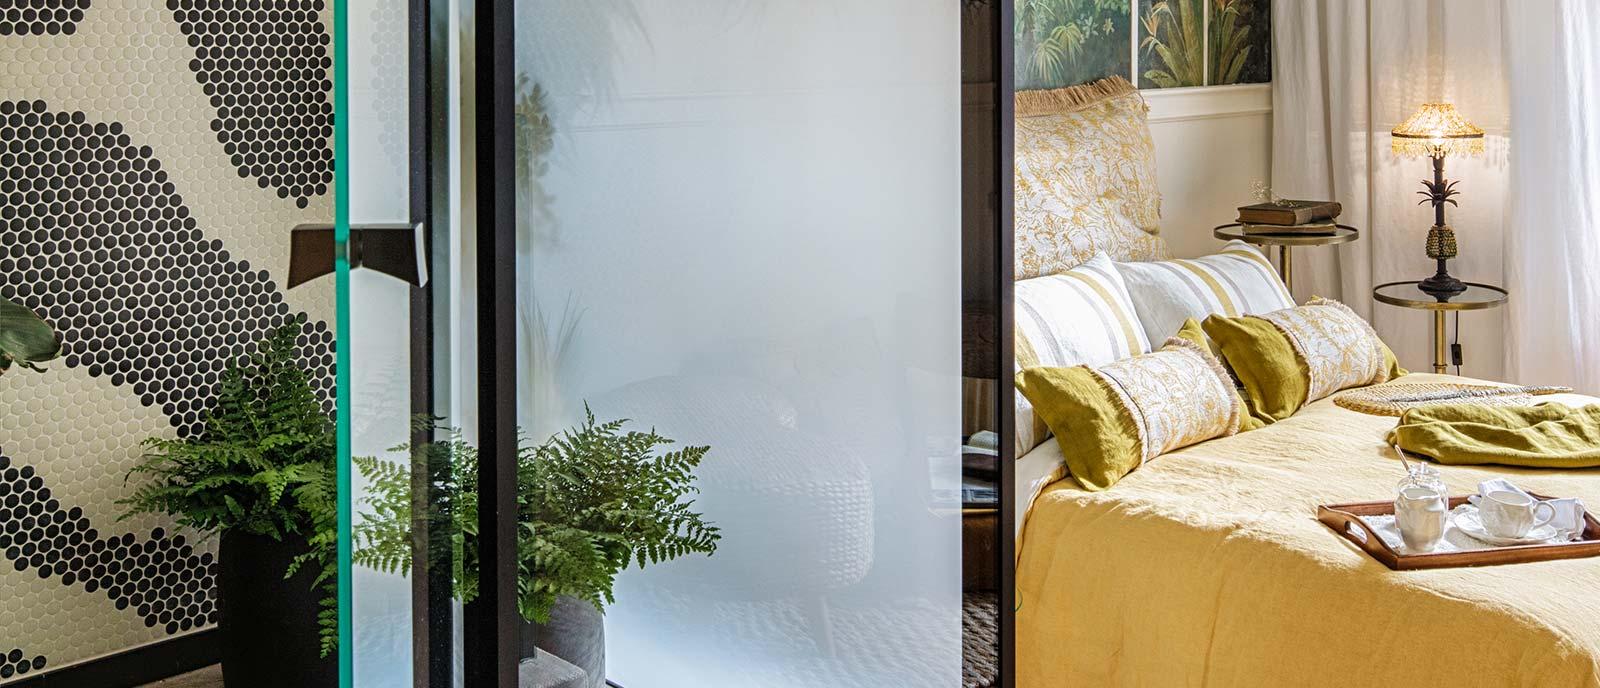 Dormitorio con baño – «Lunas de Bioko» – Espacio Miapetra